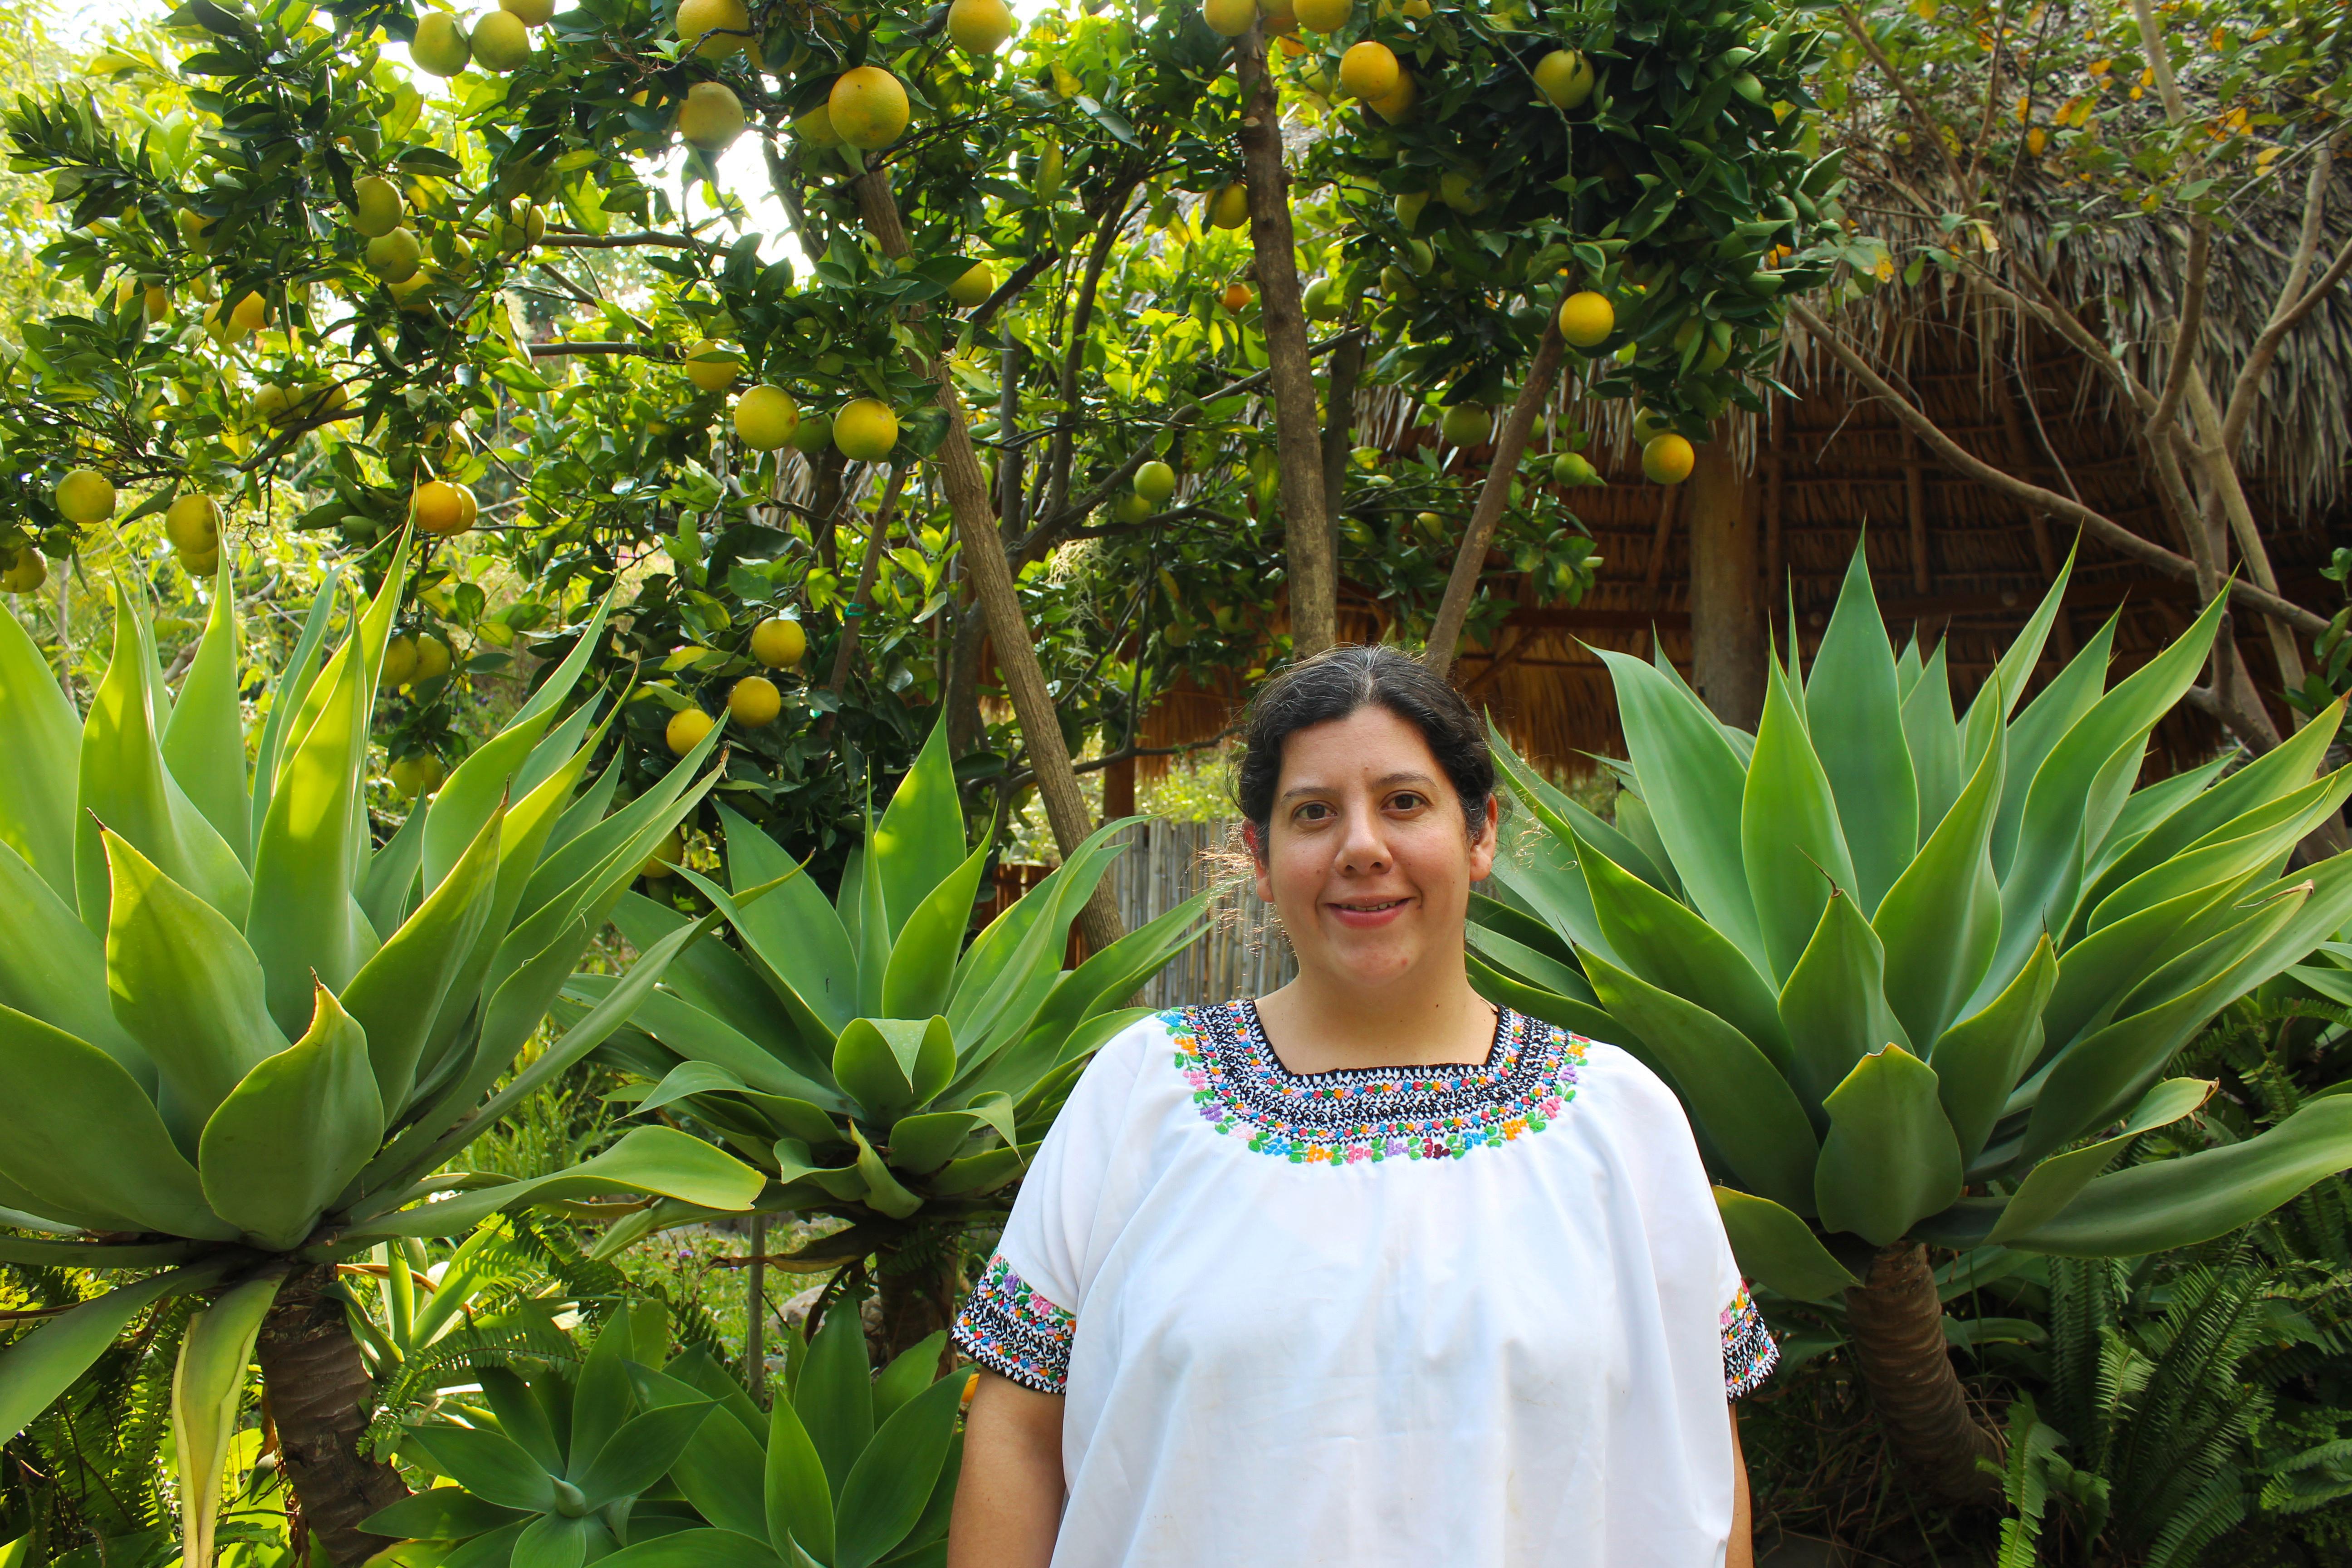 Ursula Andrea Méndez